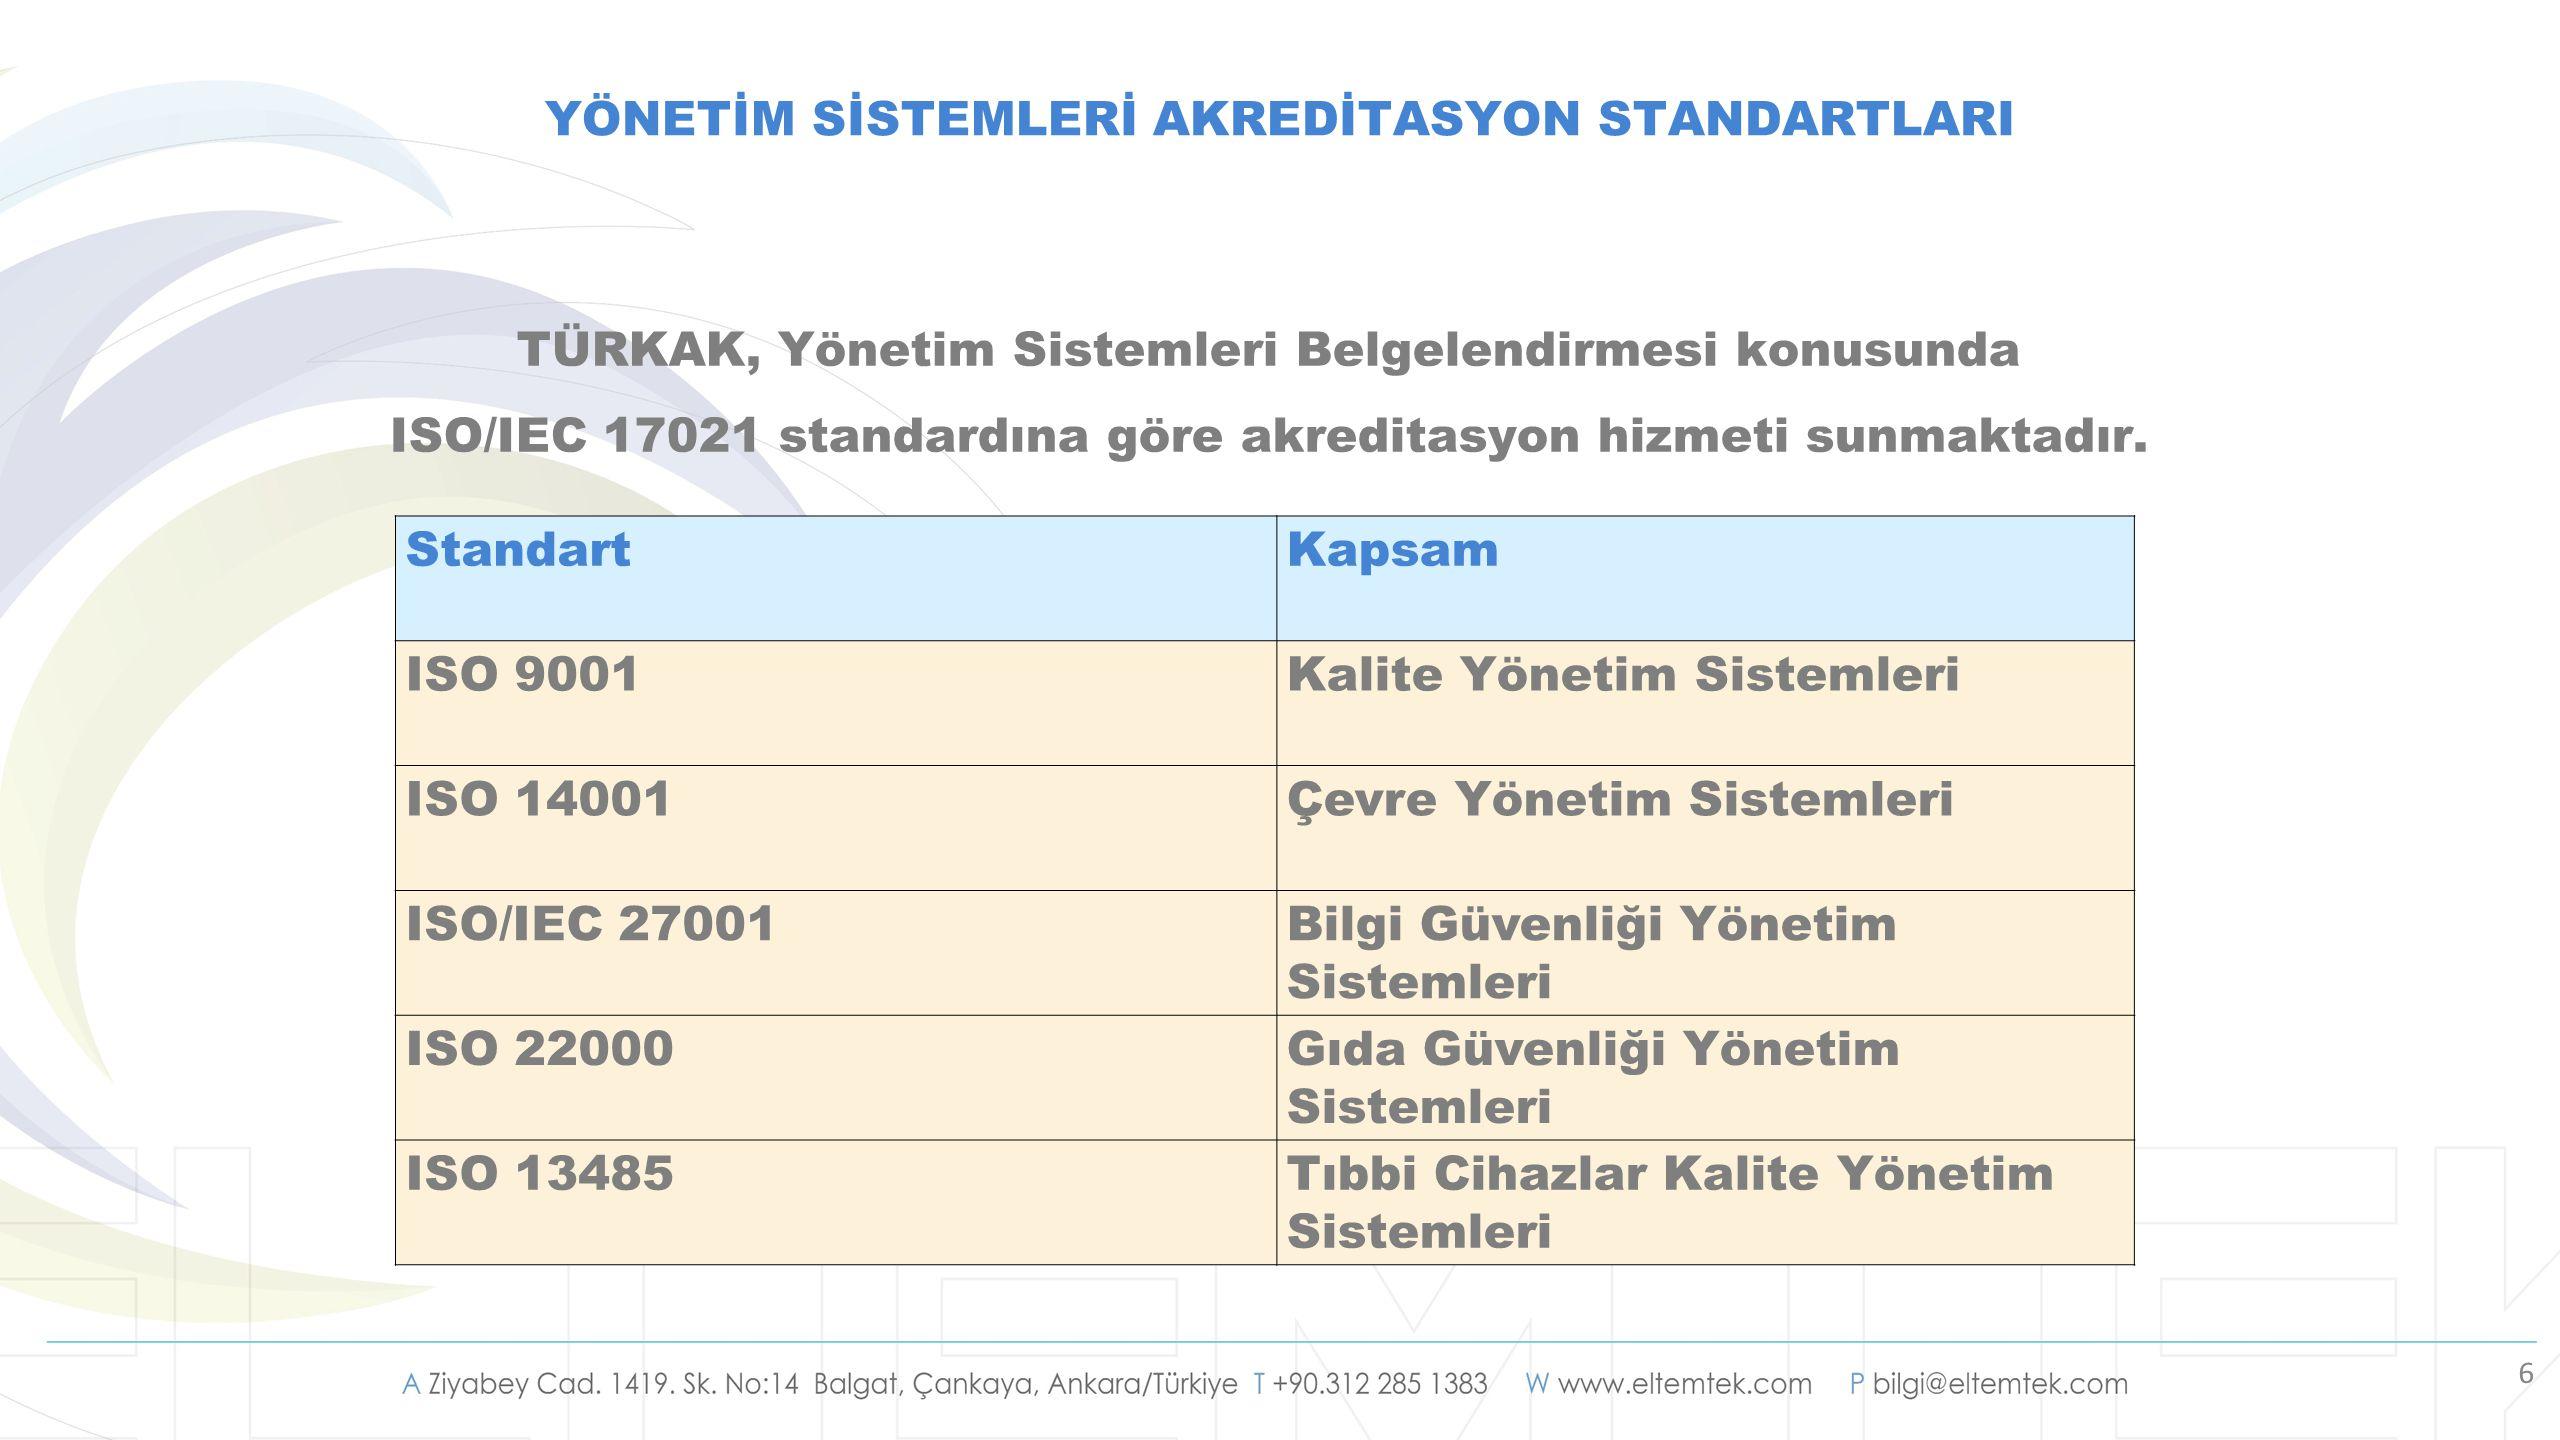 6 YÖNETİM SİSTEMLERİ AKREDİTASYON STANDARTLARI TÜRKAK, Yönetim Sistemleri Belgelendirmesi konusunda ISO/IEC 17021 standardına göre akreditasyon hizmet